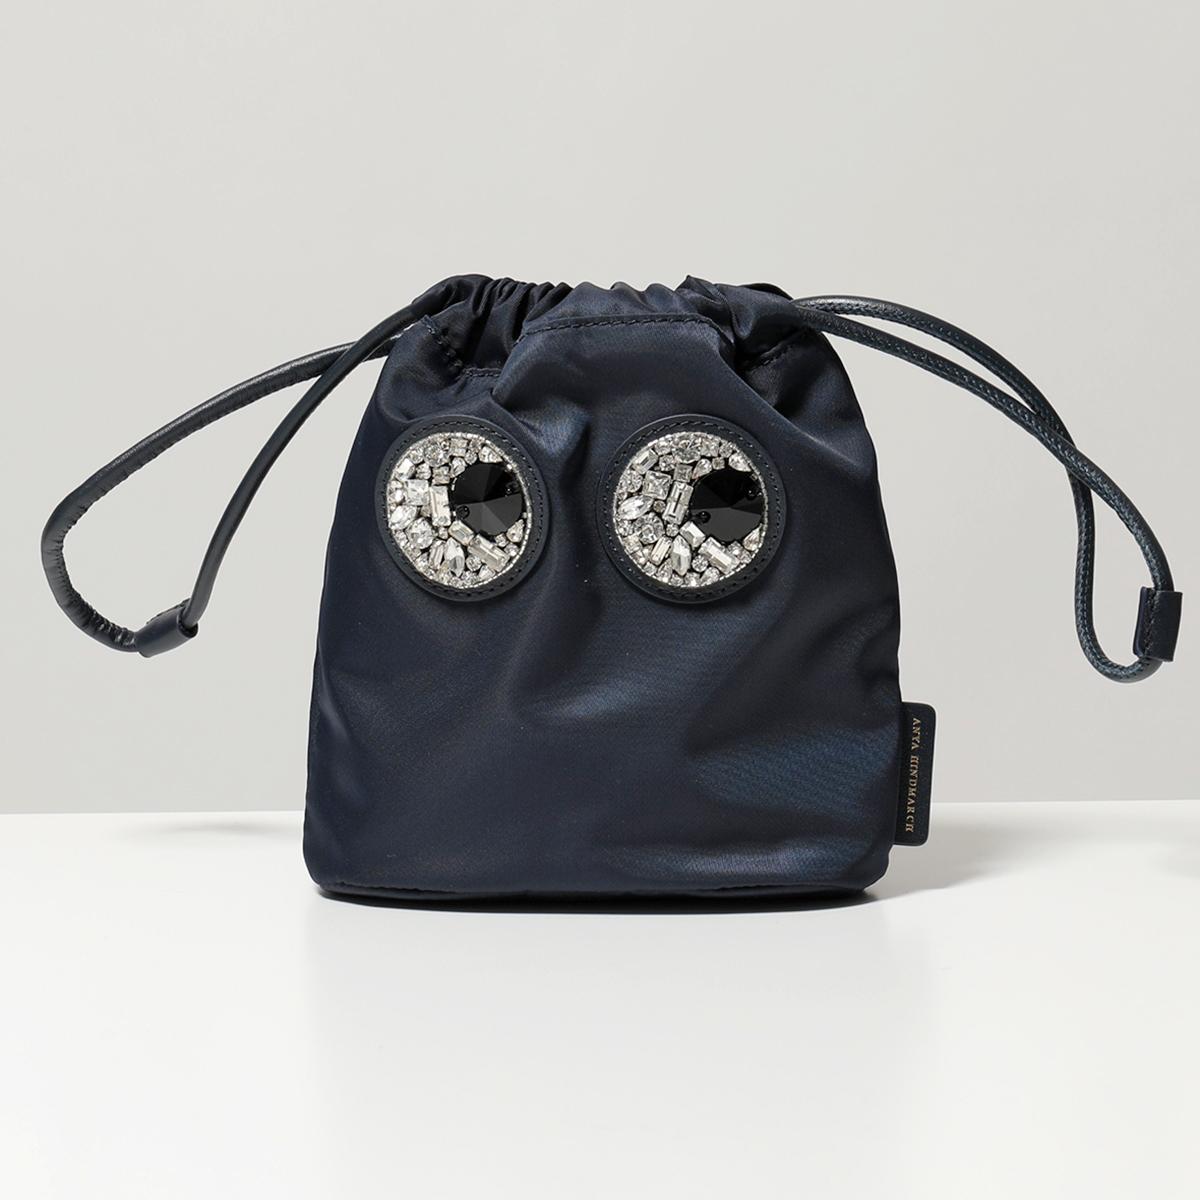 【2019年秋冬新作】 ANYA HINDMARCH アニヤハインドマーチ 139427 クリスタルビジュー装飾 ナイロン ポーチバッグ 巾着バッグ MARINE 鞄 レディース